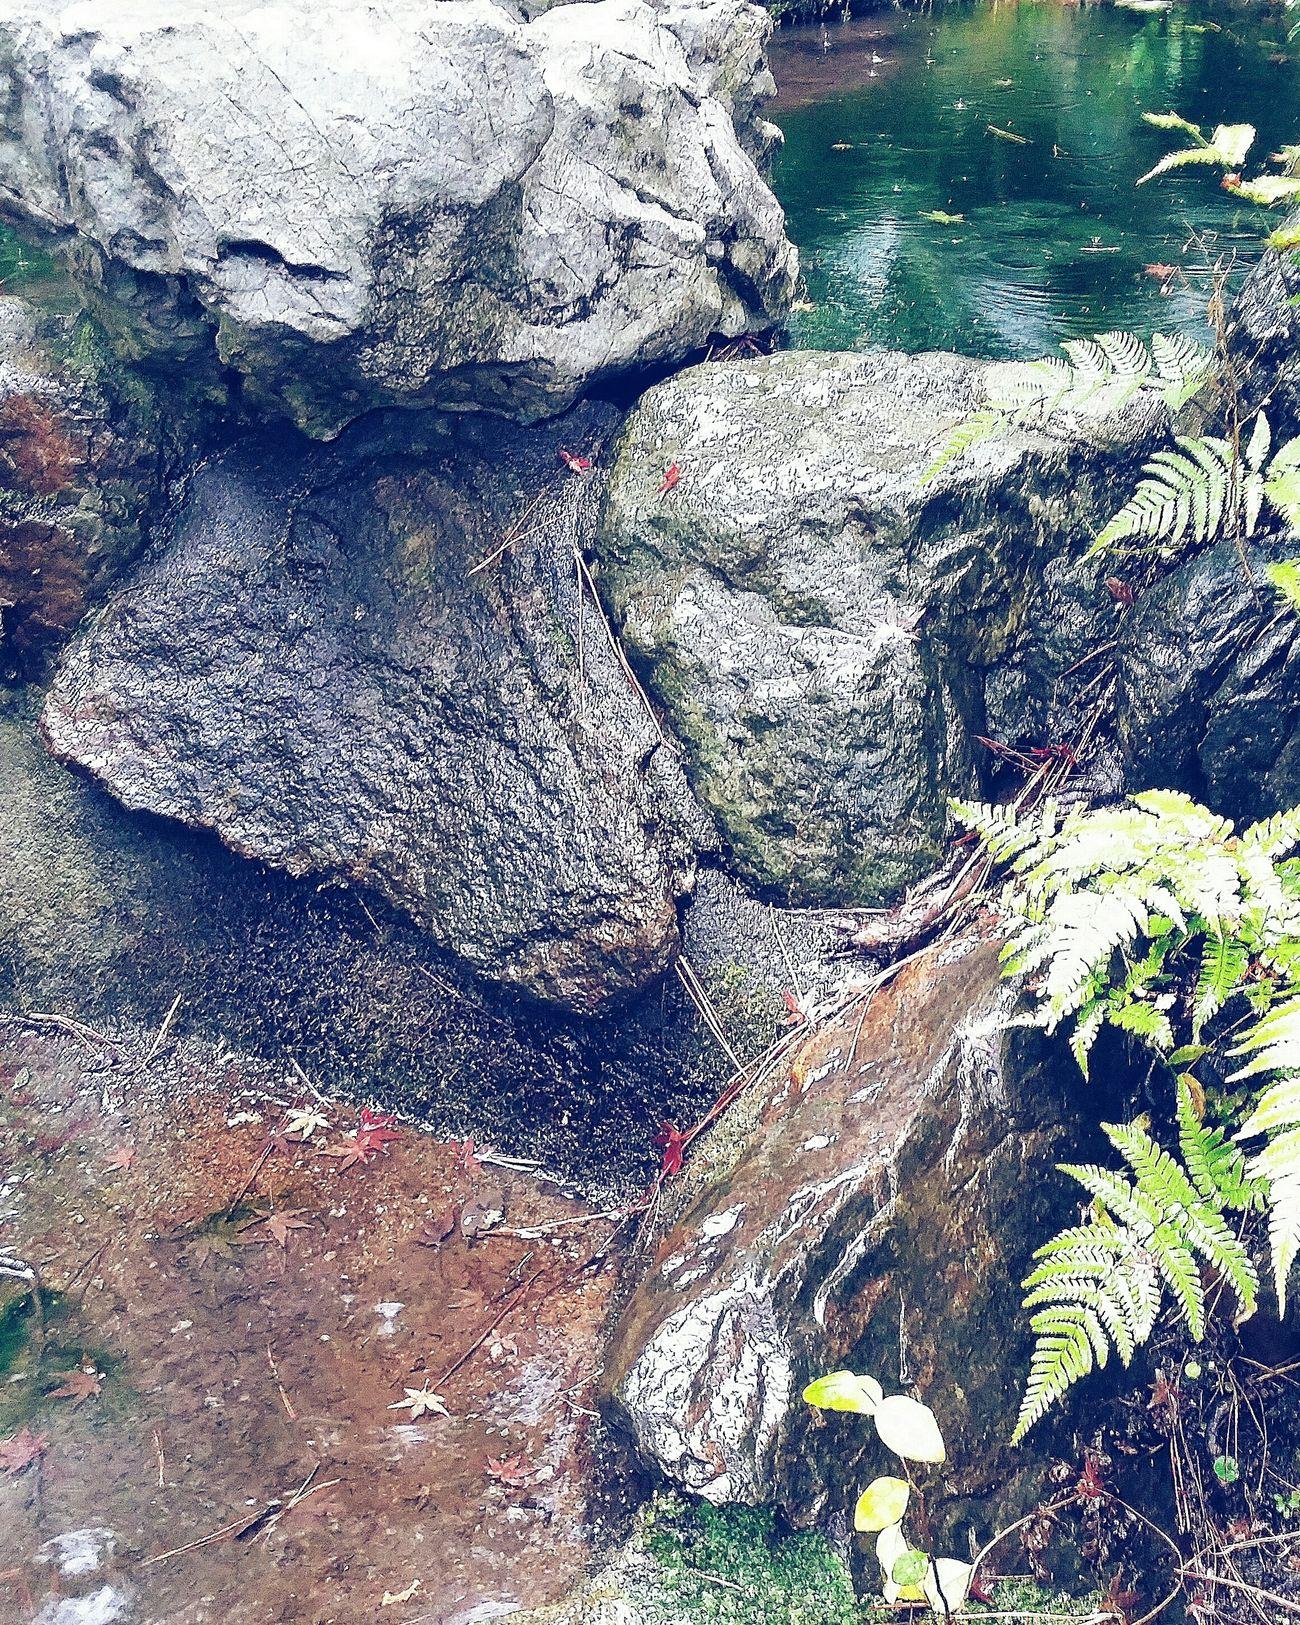 Landscape Garden Tokyonature Urbannature Rocks Ferns Pond Nature Naturelover Naturecollection Naturephotography Tokyo Autumn 2015 Autumn 2015 秋 Tonogayato Teien Place Of Scenic Beauty Tokyo Japan Travel Photography